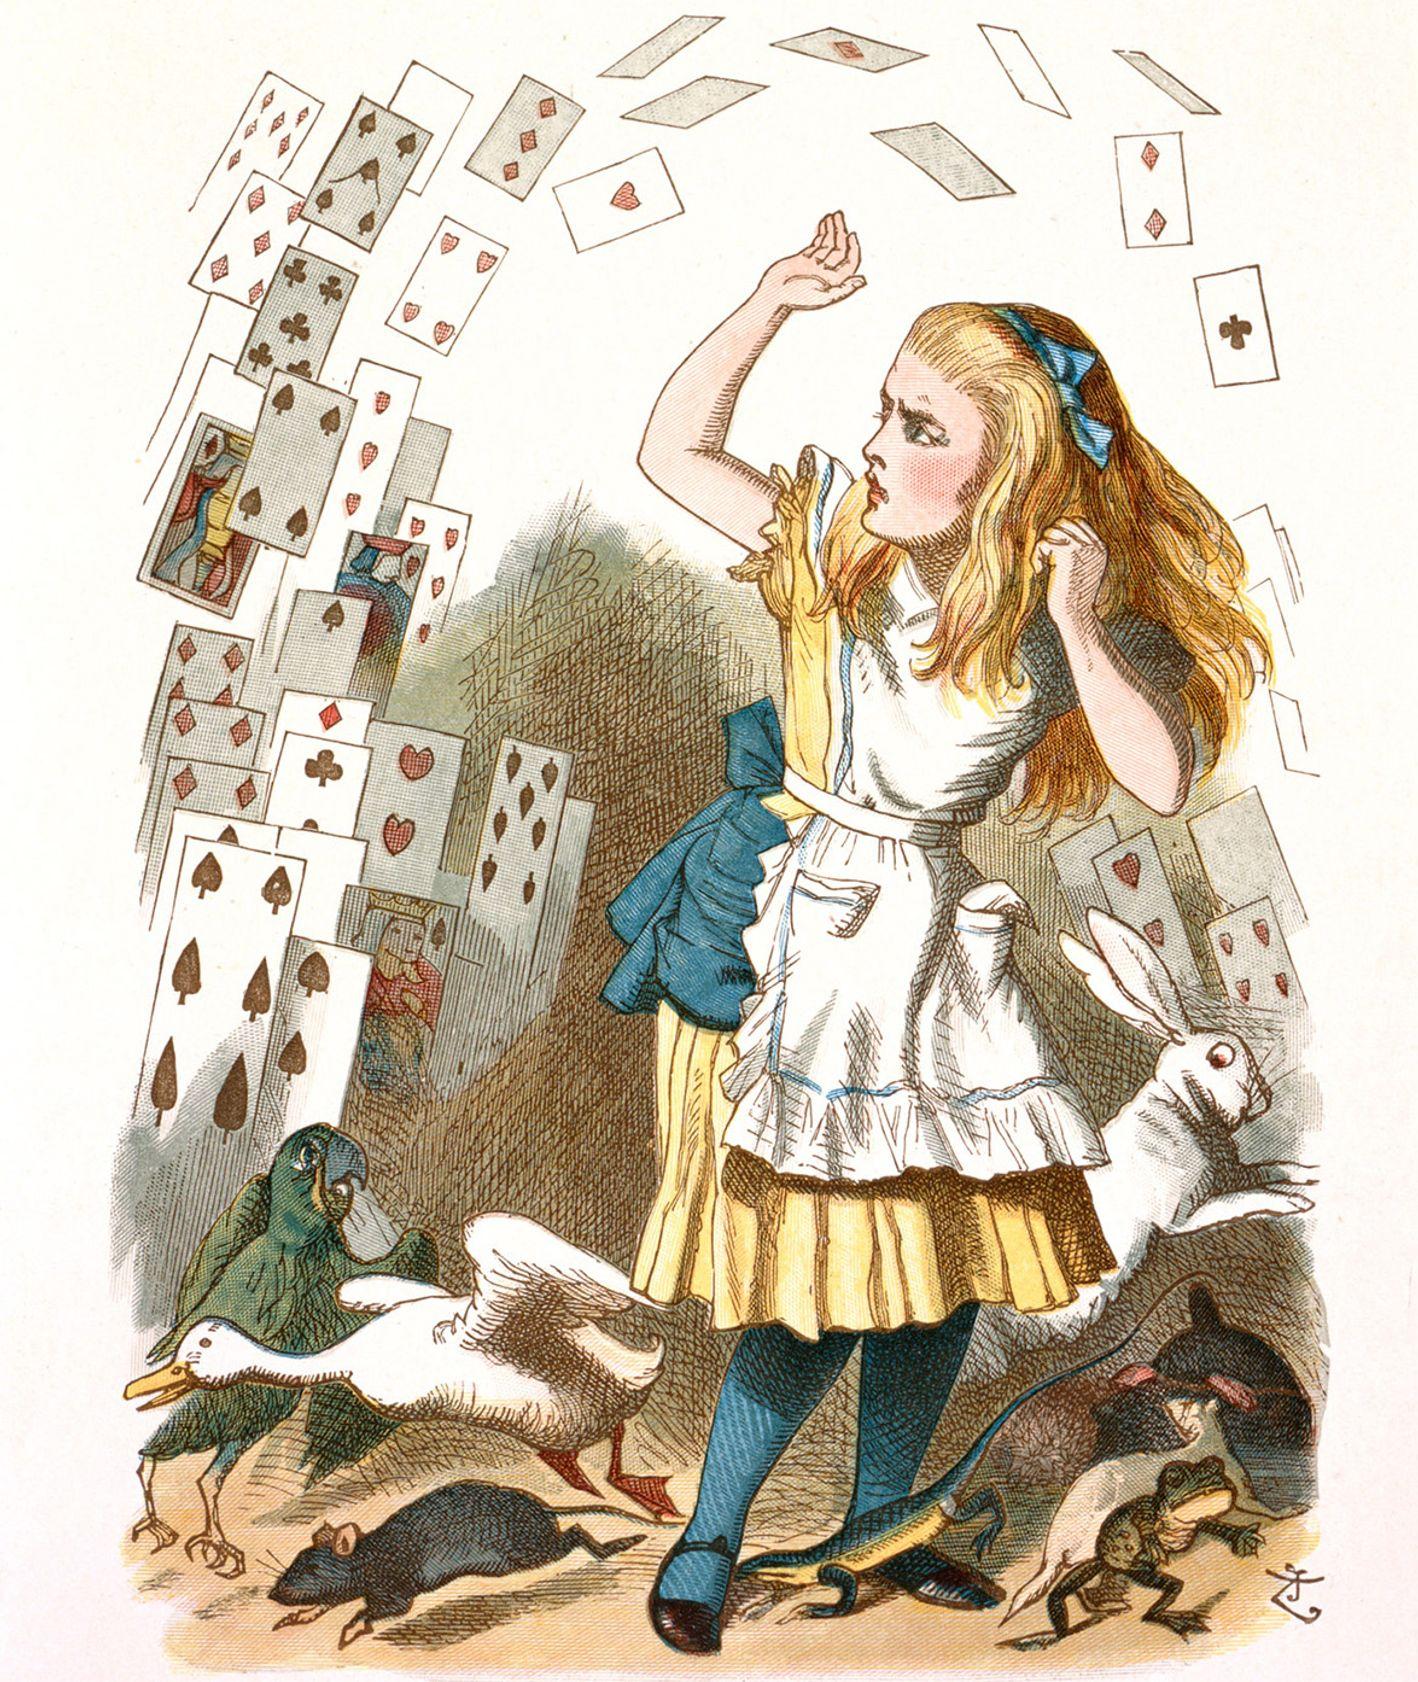 """Ilustracja John Tanniela do skróconej wersji """"Alicji w krainie czarów"""" - karty do gry latają dookoła Alicji"""